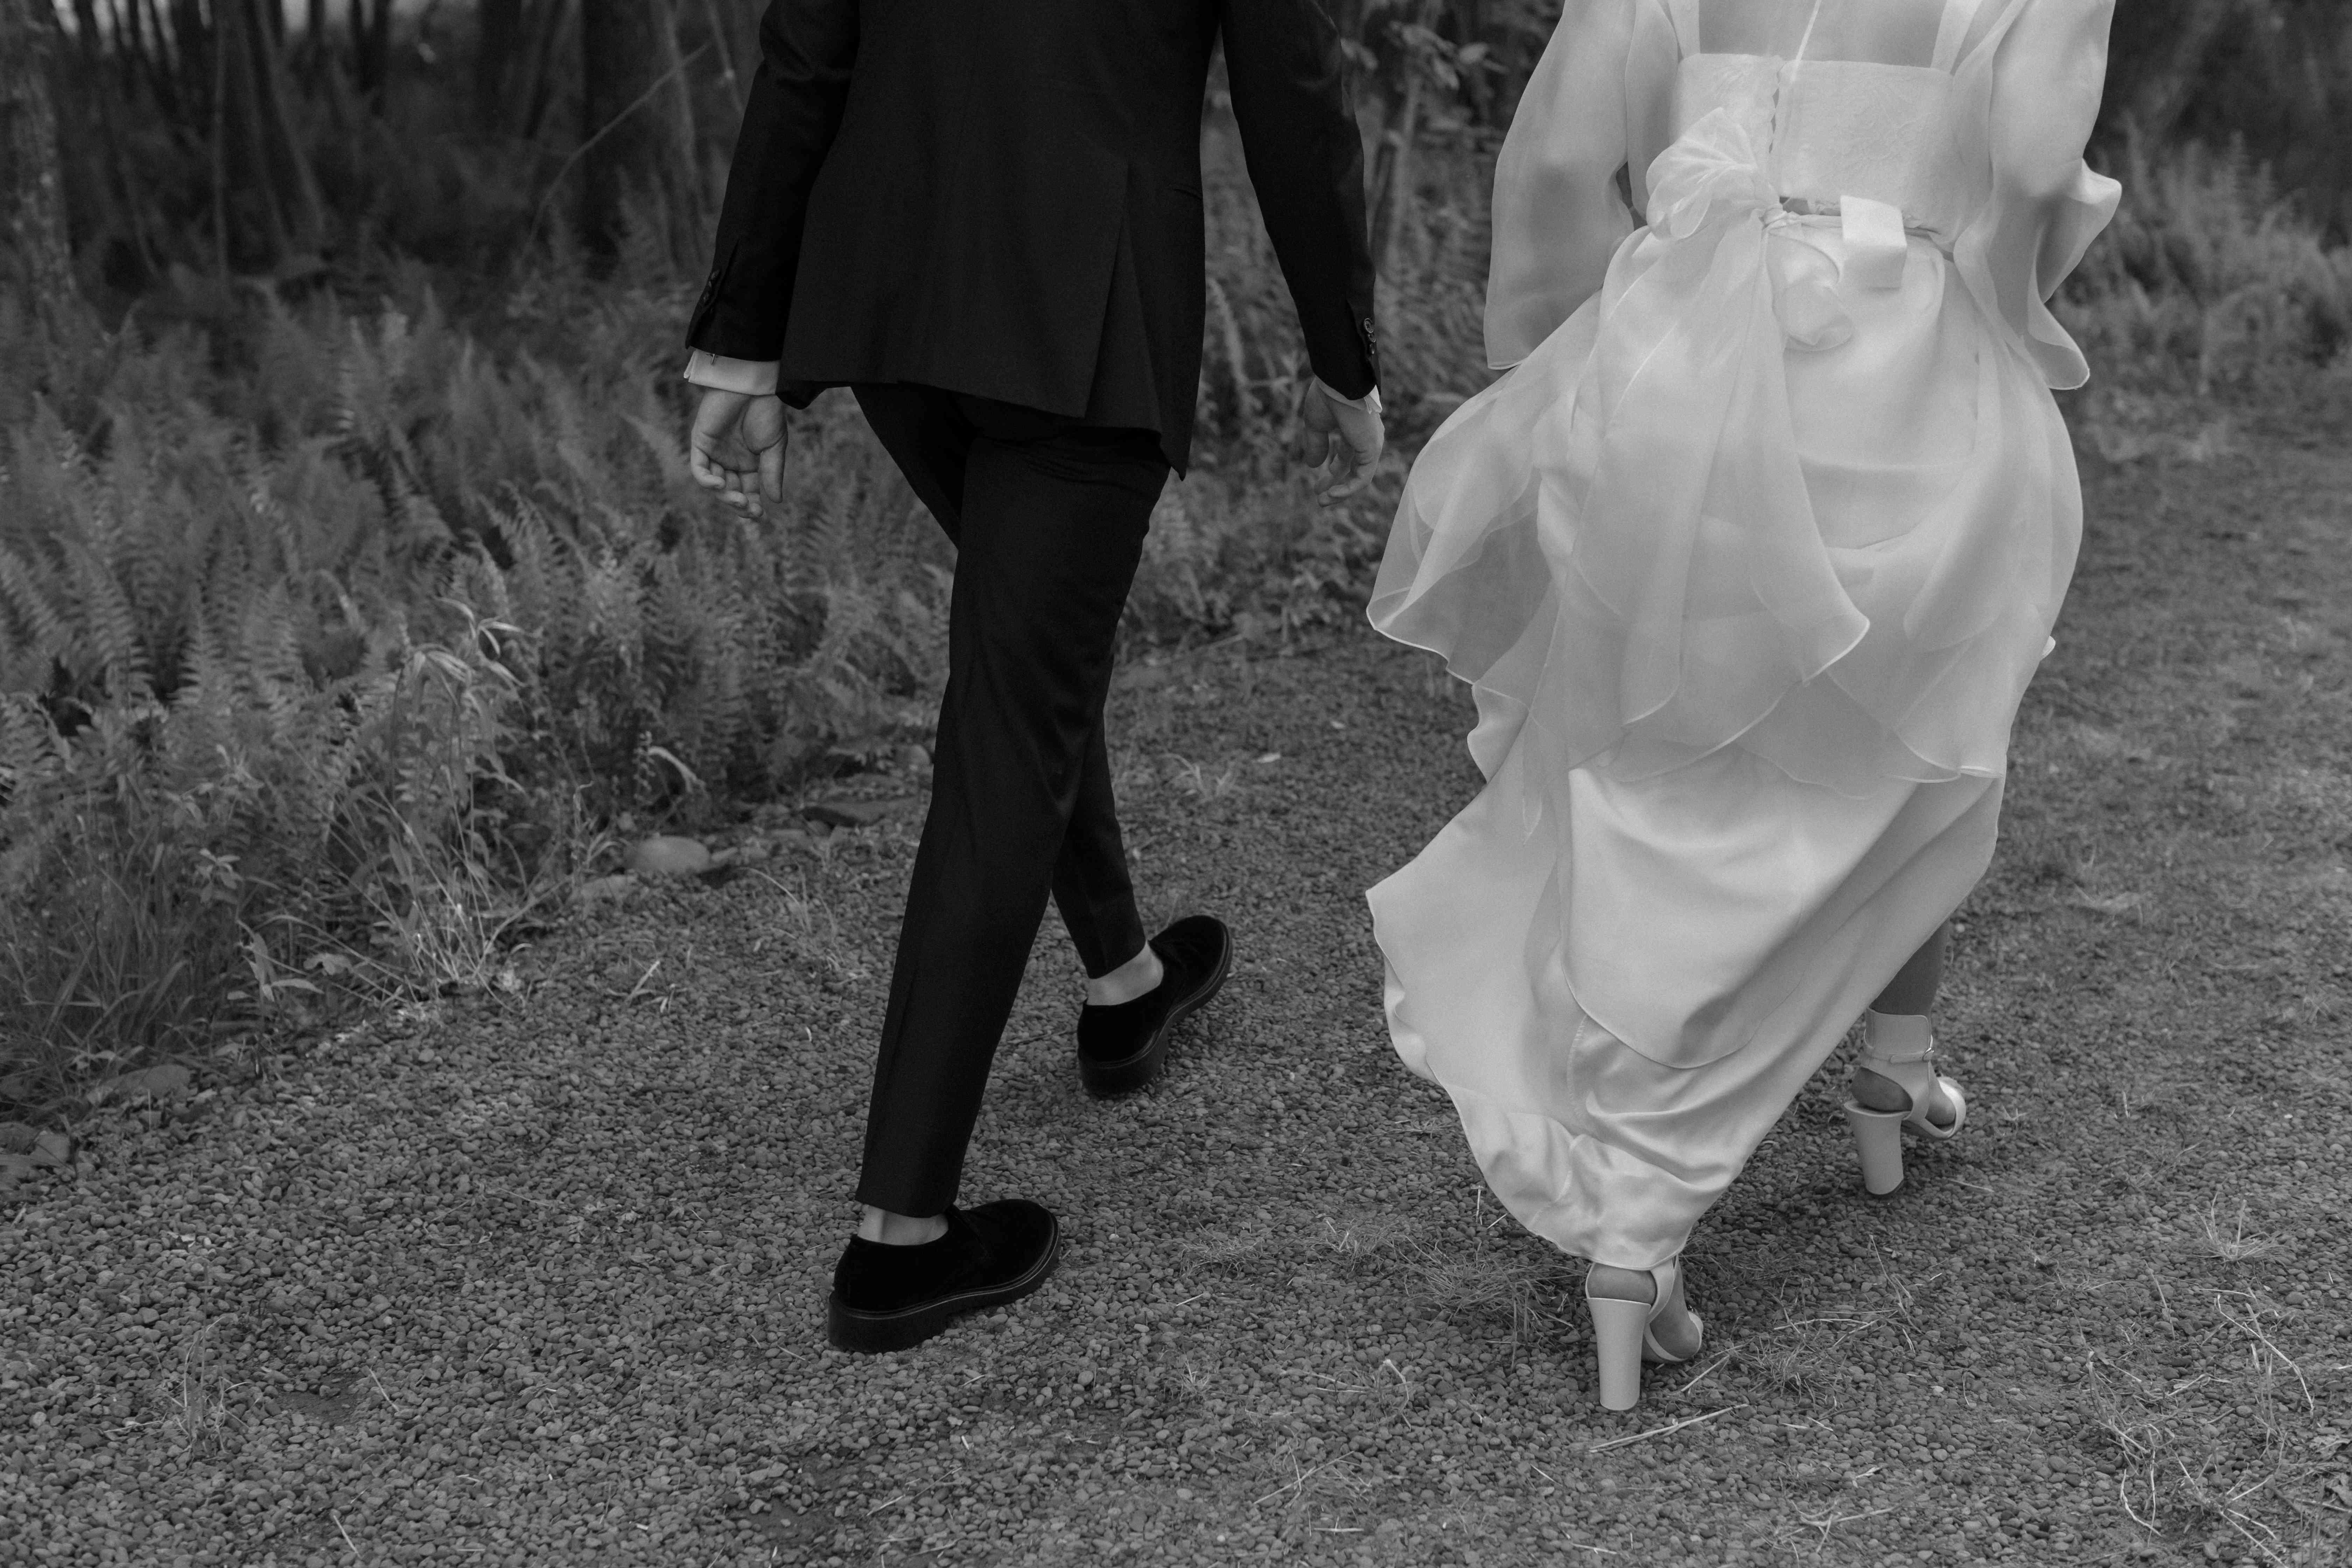 Bride and groom walking shot of feet